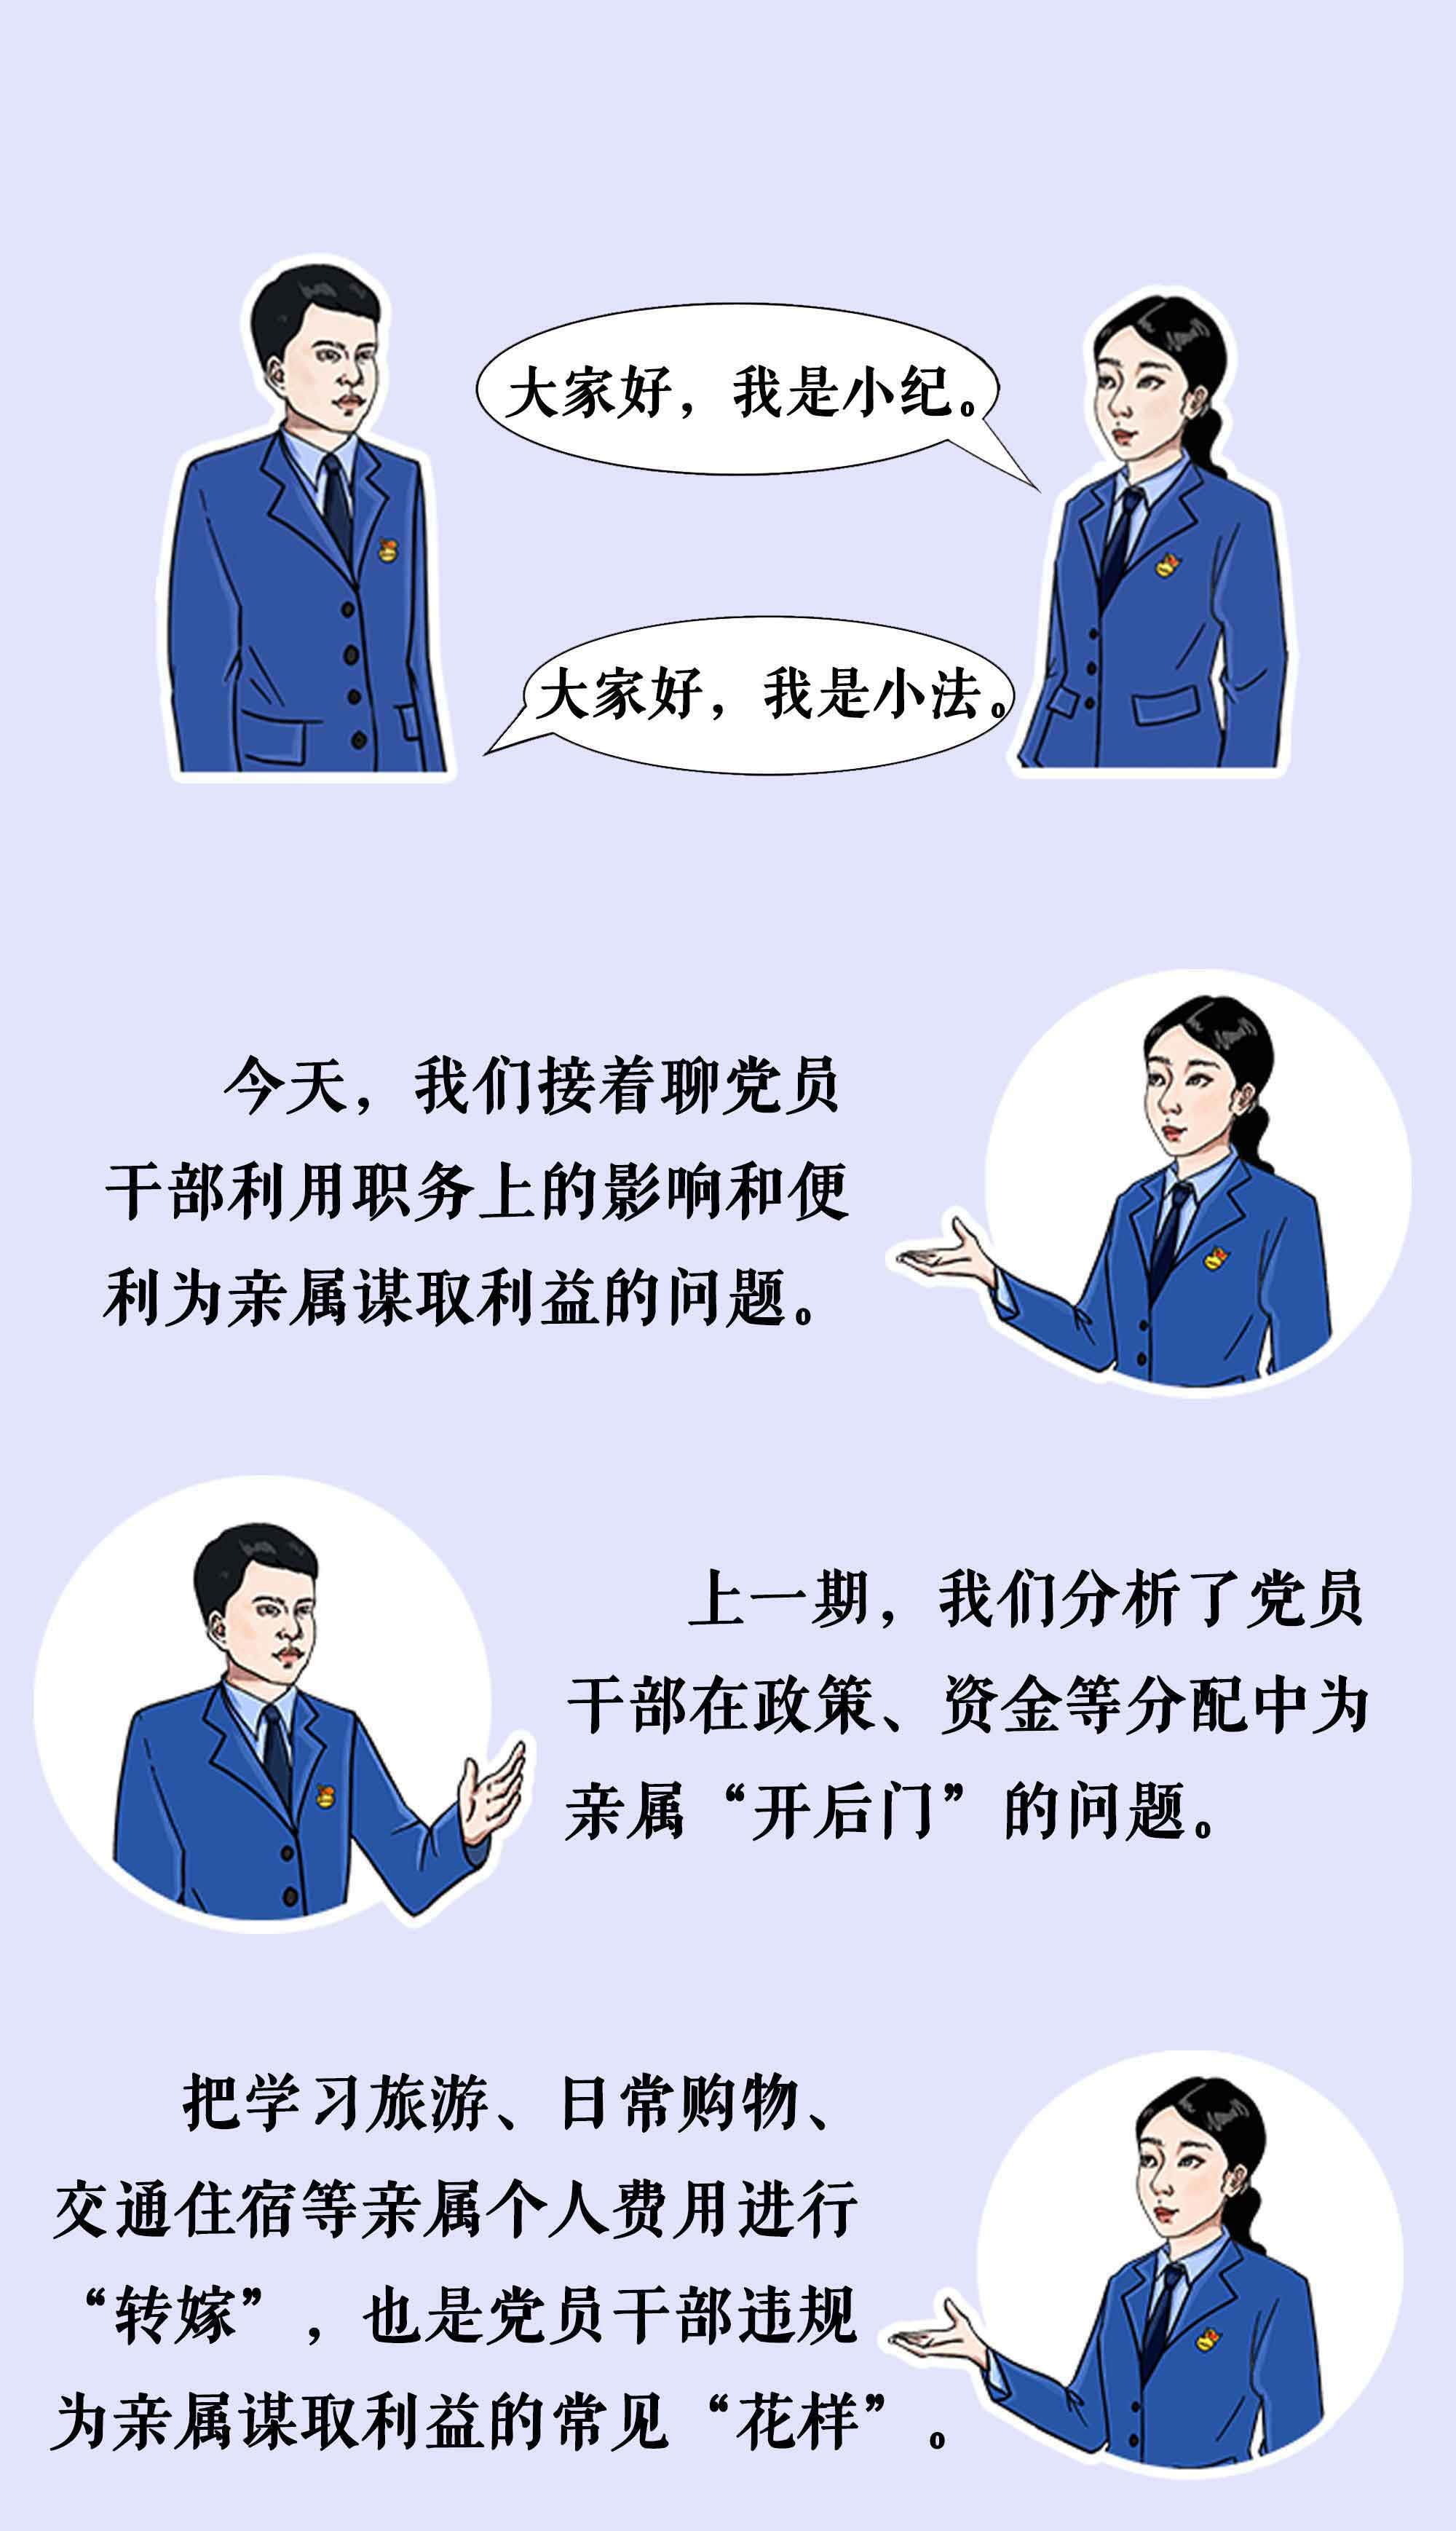 漫画说纪·违规为亲属谋利   搞转嫁